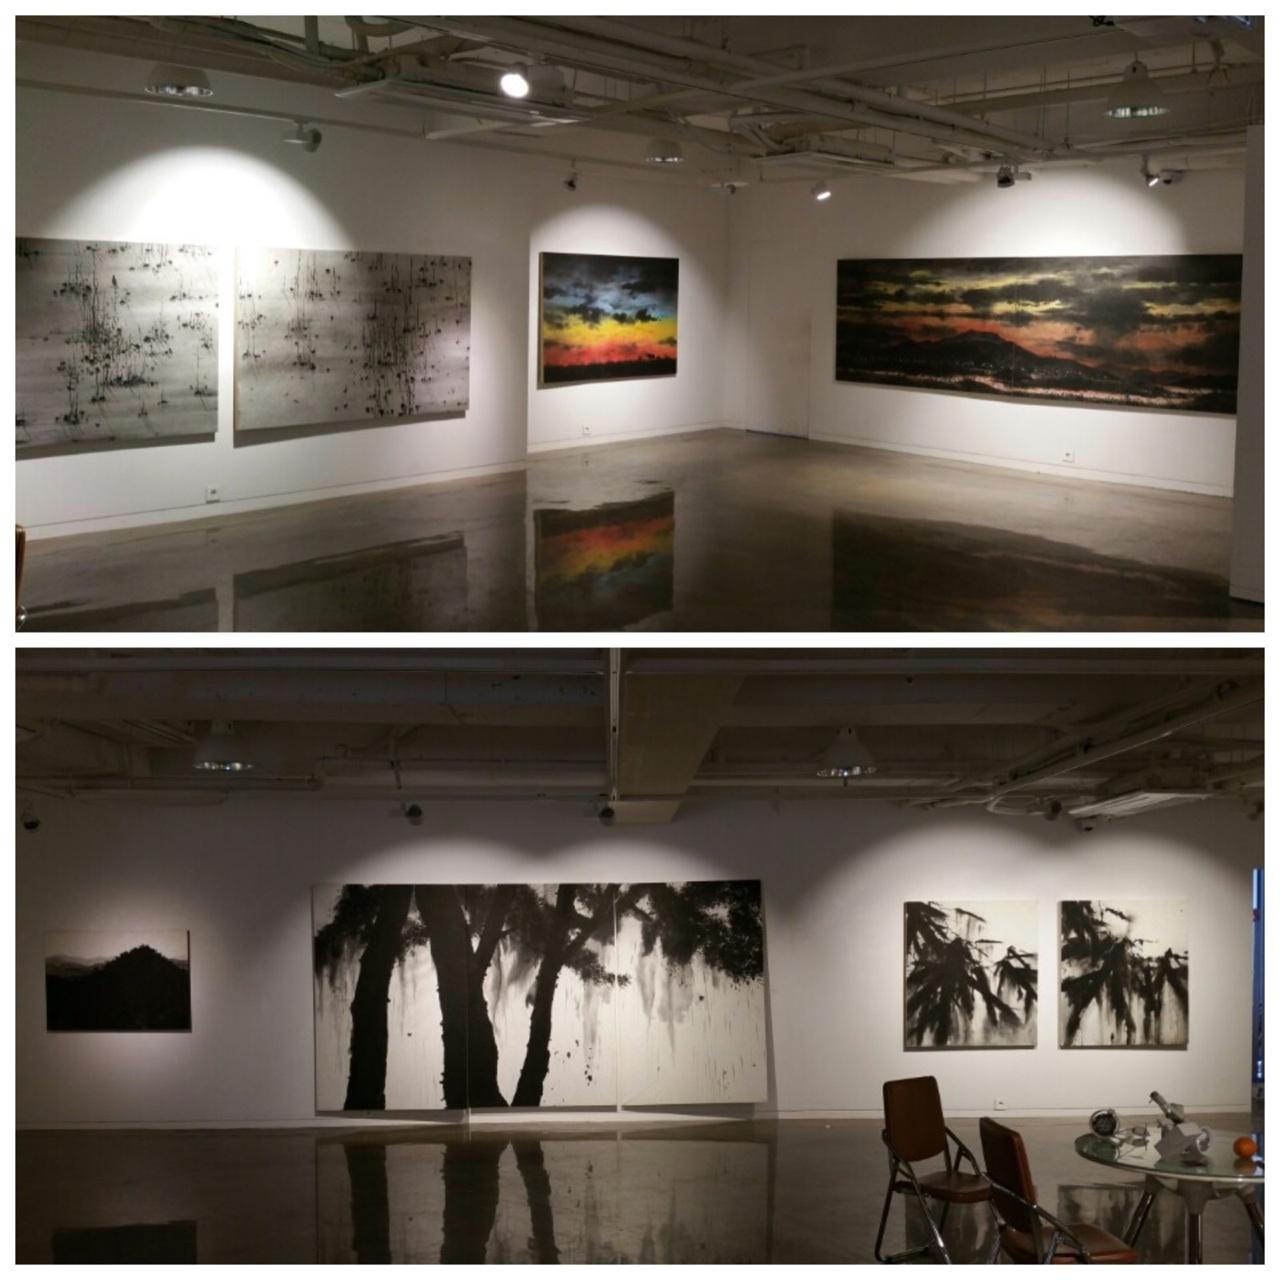 오는 24일까지 서울 인사동 G&J 광주전남갤러리에서 수묵화가 <허달용 개인전>이 열린다.